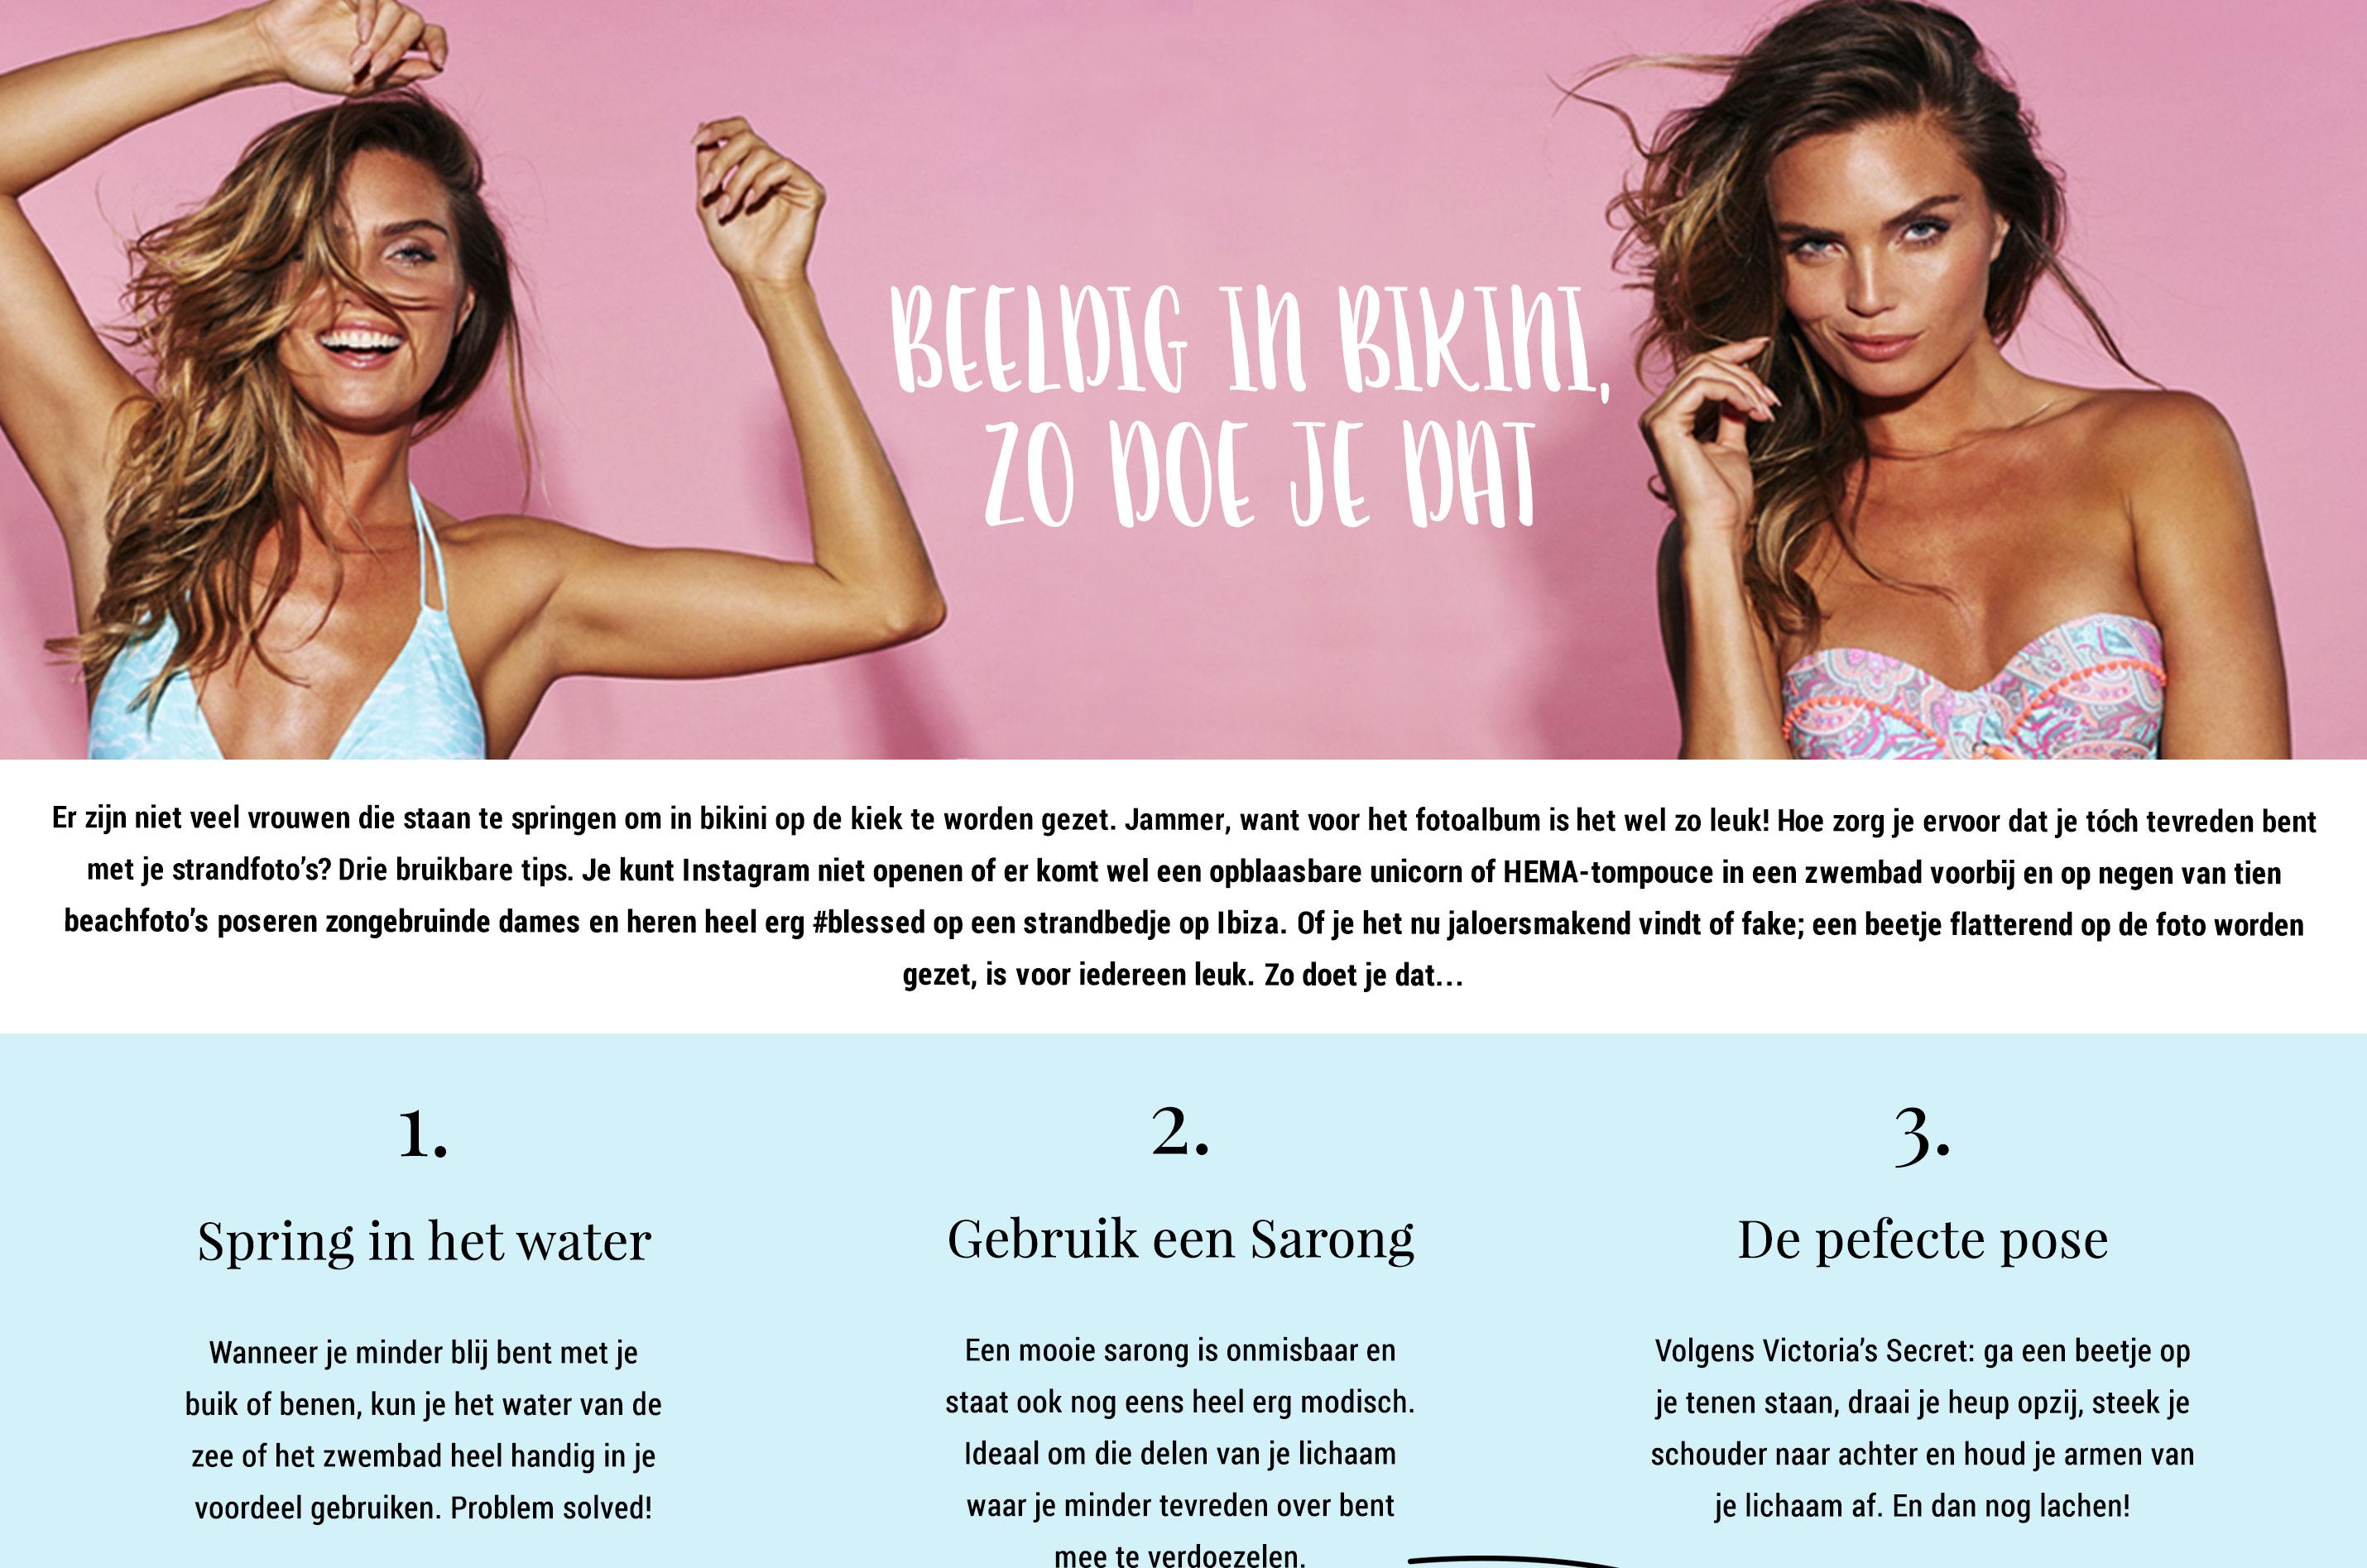 Beeldig in Bikini 1